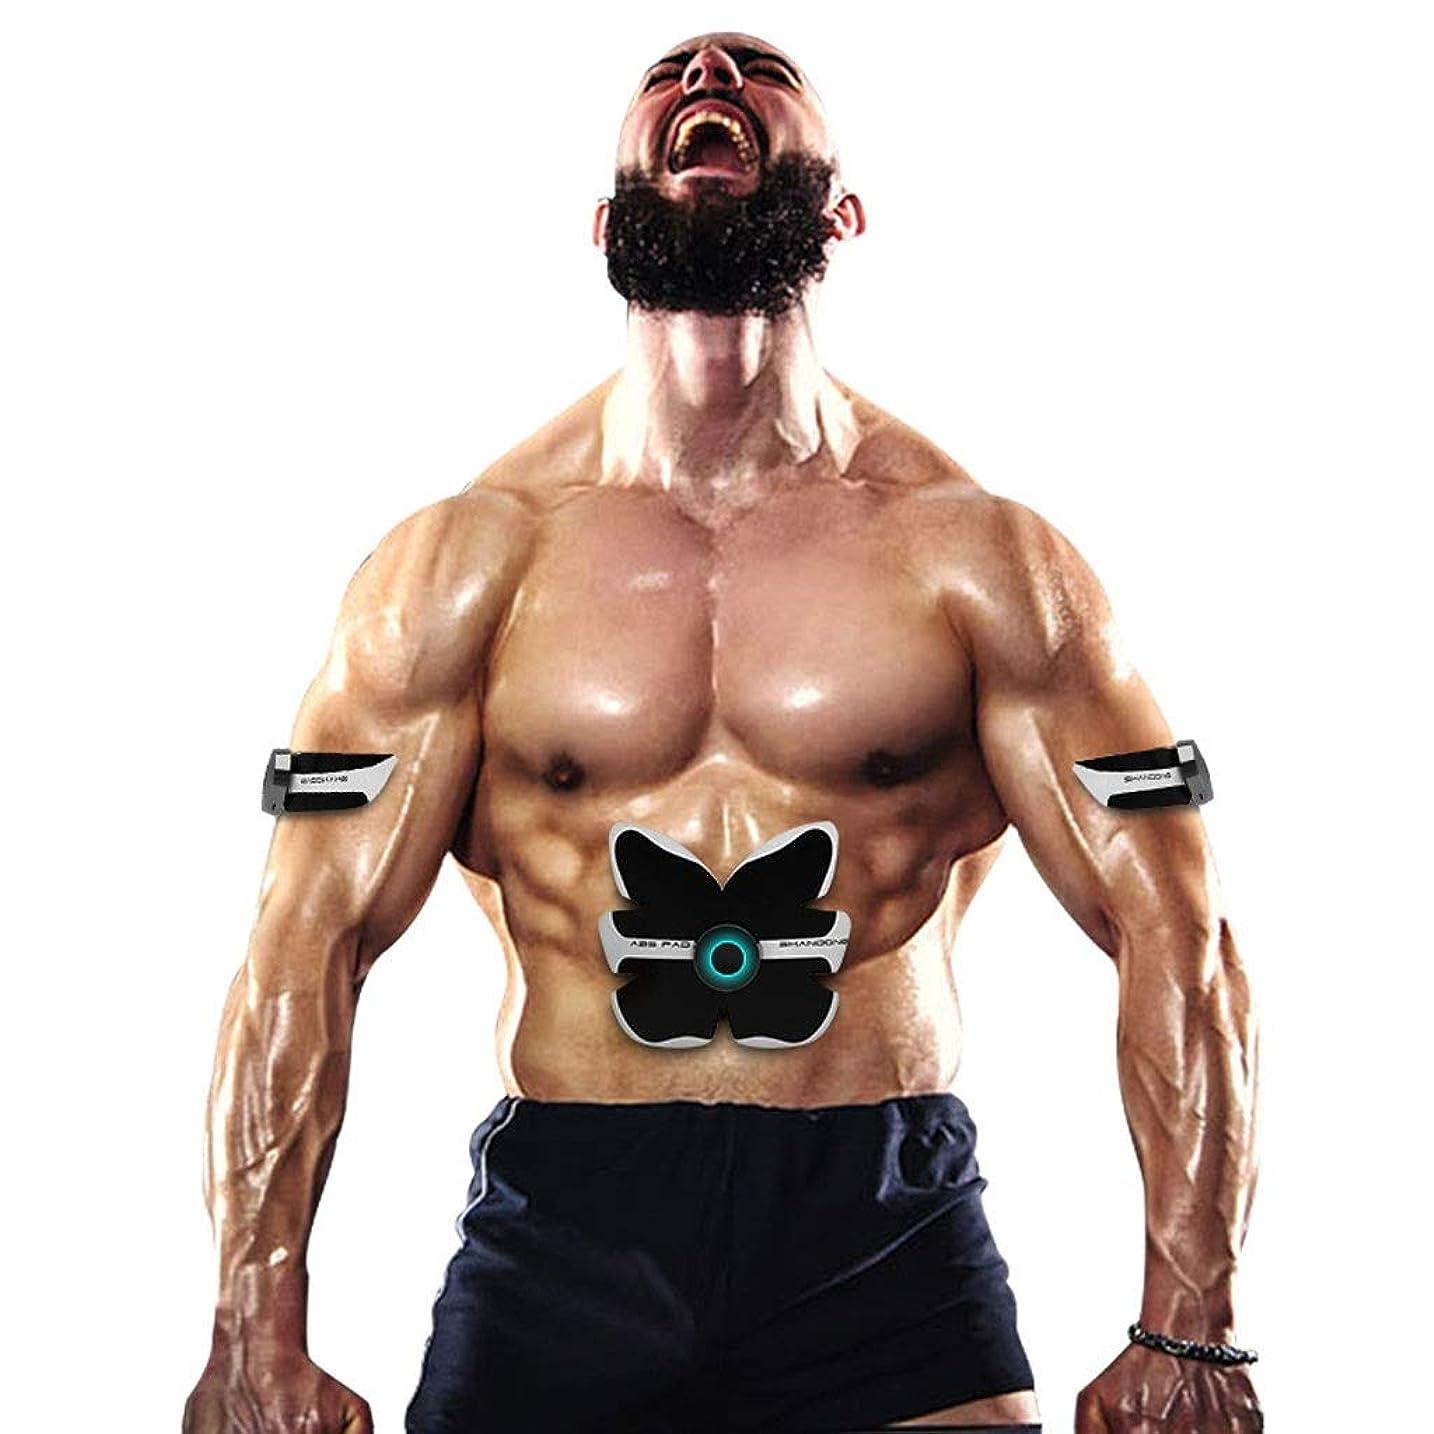 怒る船乗り輸血スマートabsトレーニングギア女性男性減量痩身ボディシェイパー腹部筋肉運動刺激装置フィットネス振動機